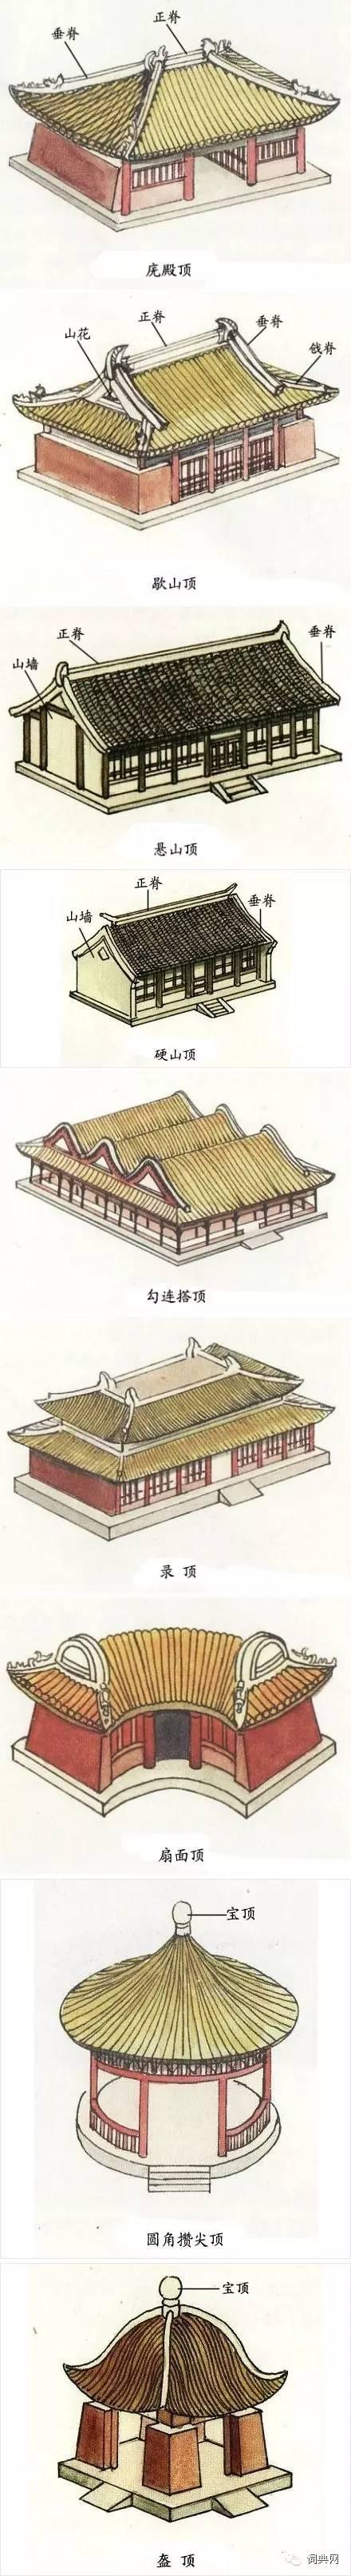 农村起脊房顶结构图